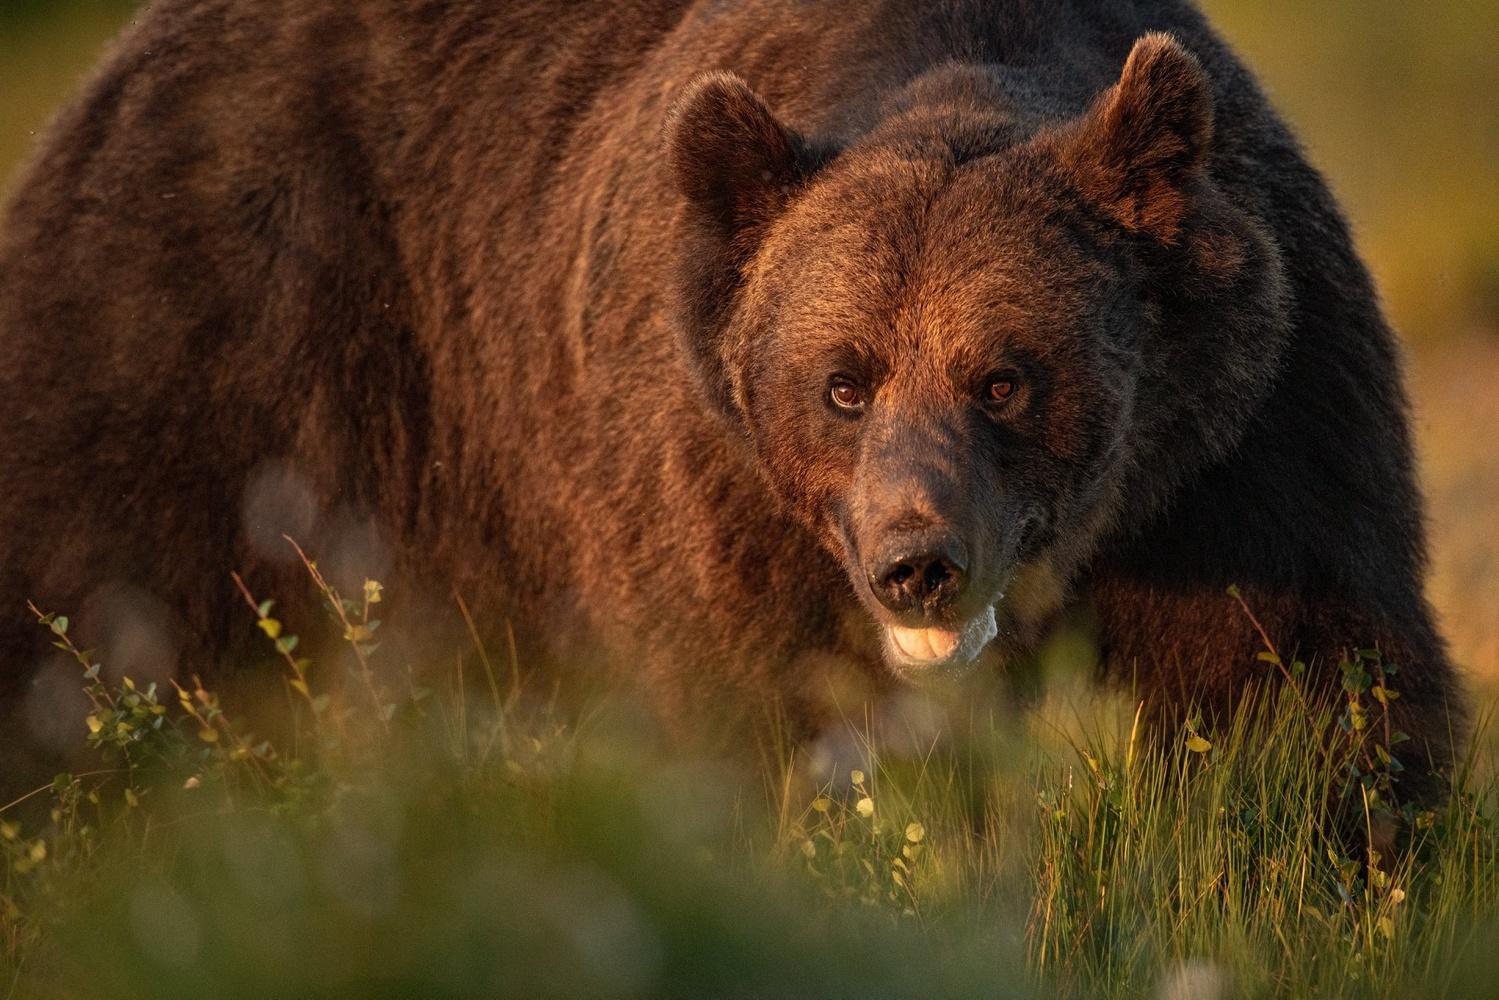 Bear portrait by Annelin Hoff